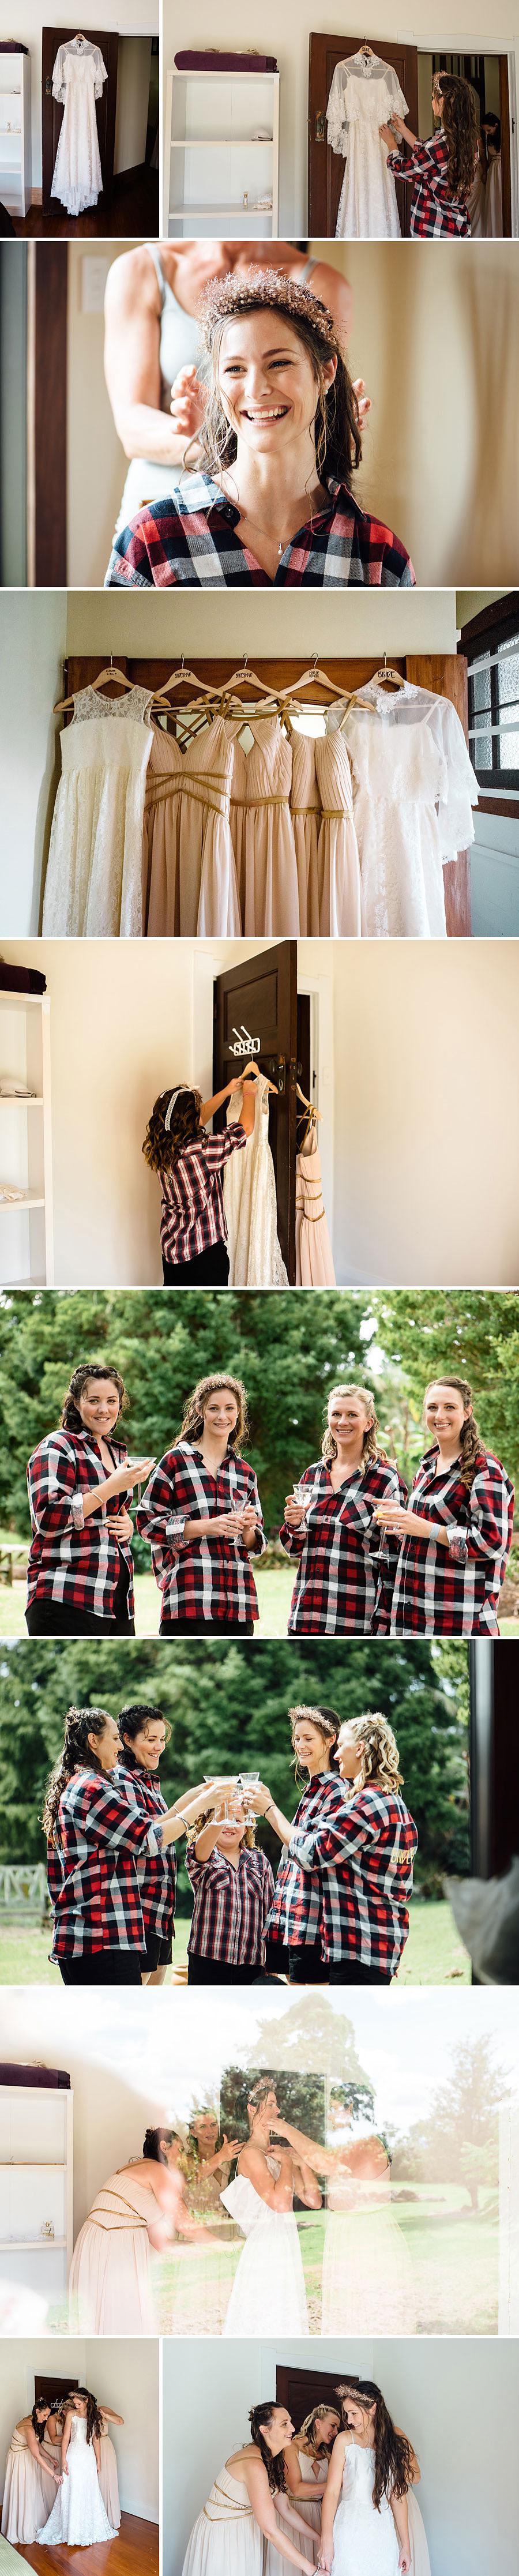 Kerikeri Wedding, Photographer Jess Burges, Northland New Zealand